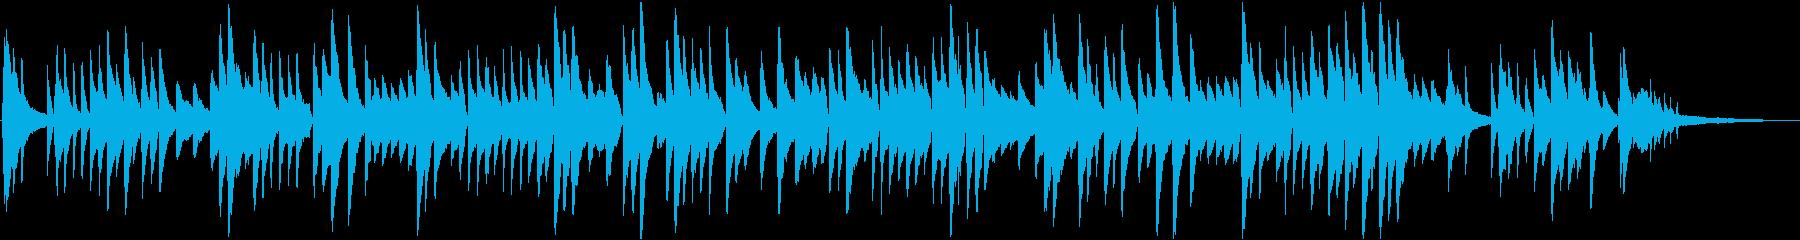 童謡赤とんぼ。心に響くピアノソロアレンジの再生済みの波形